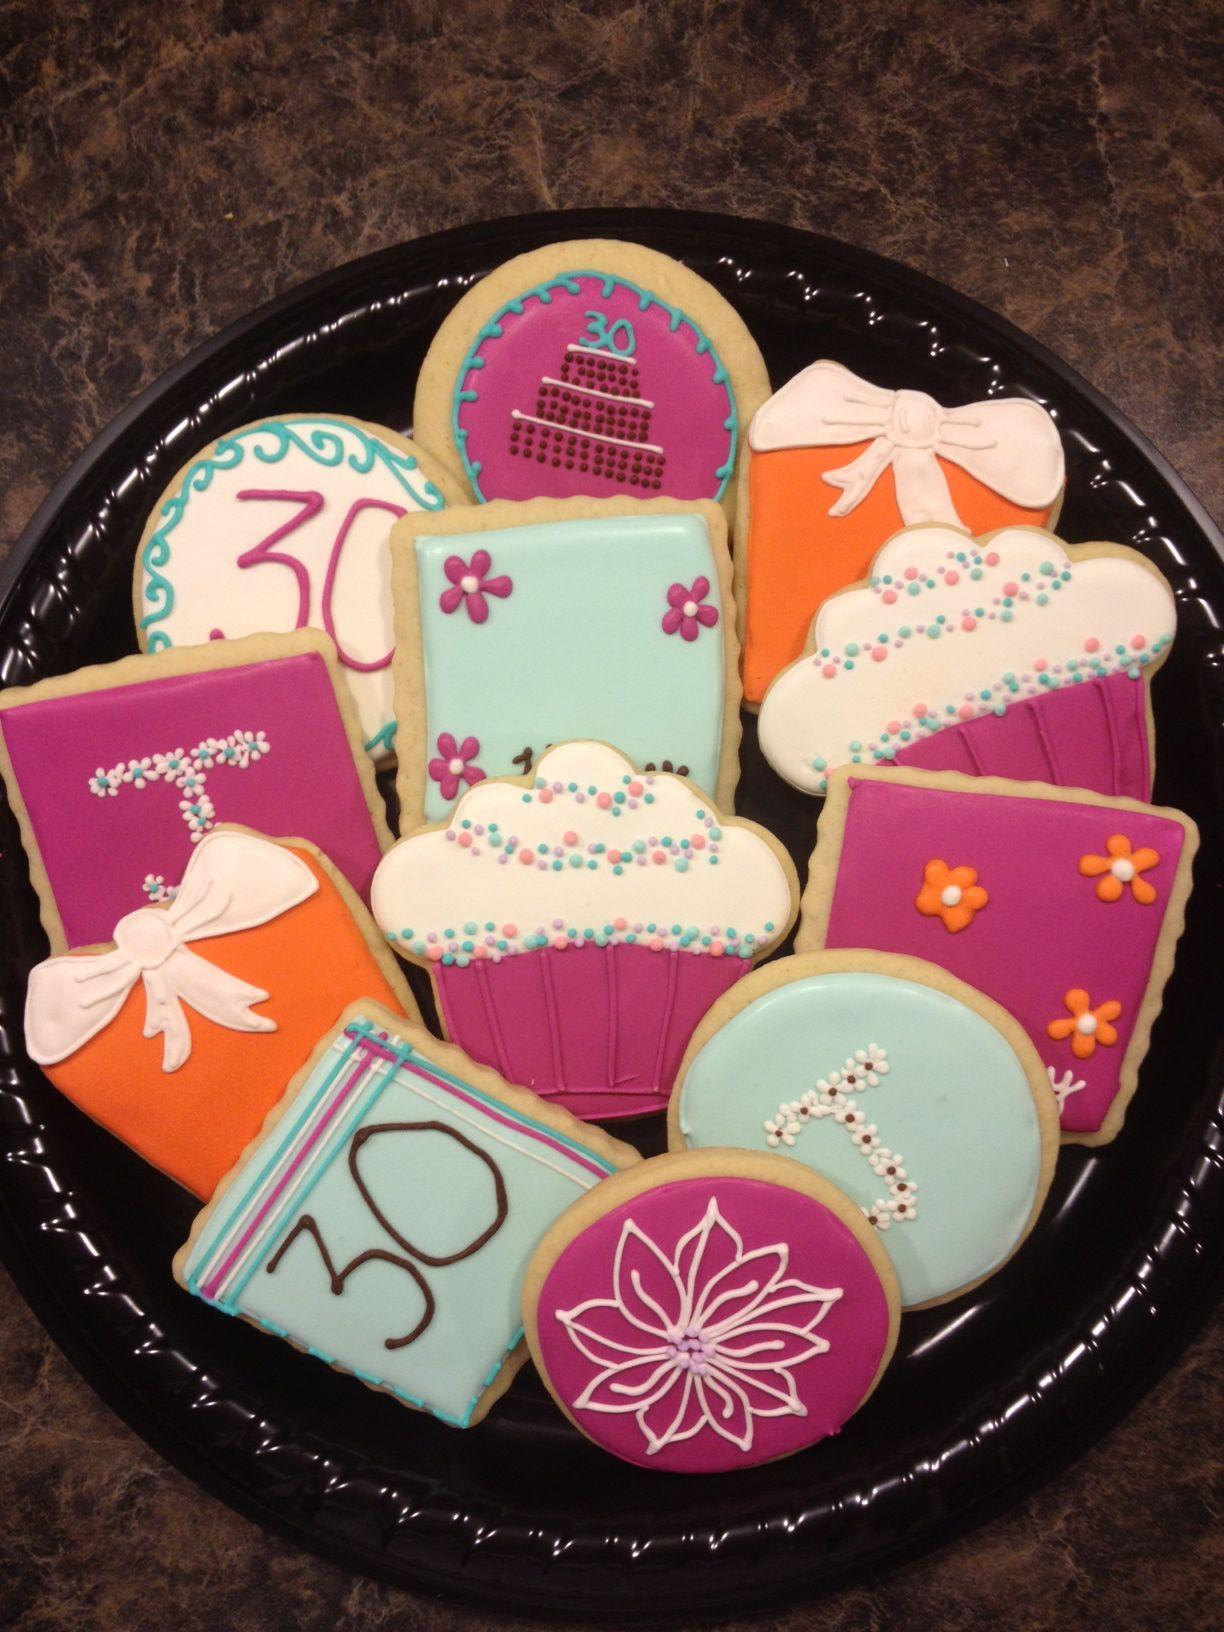 30th birthday cookies birthday cookies monster cookies